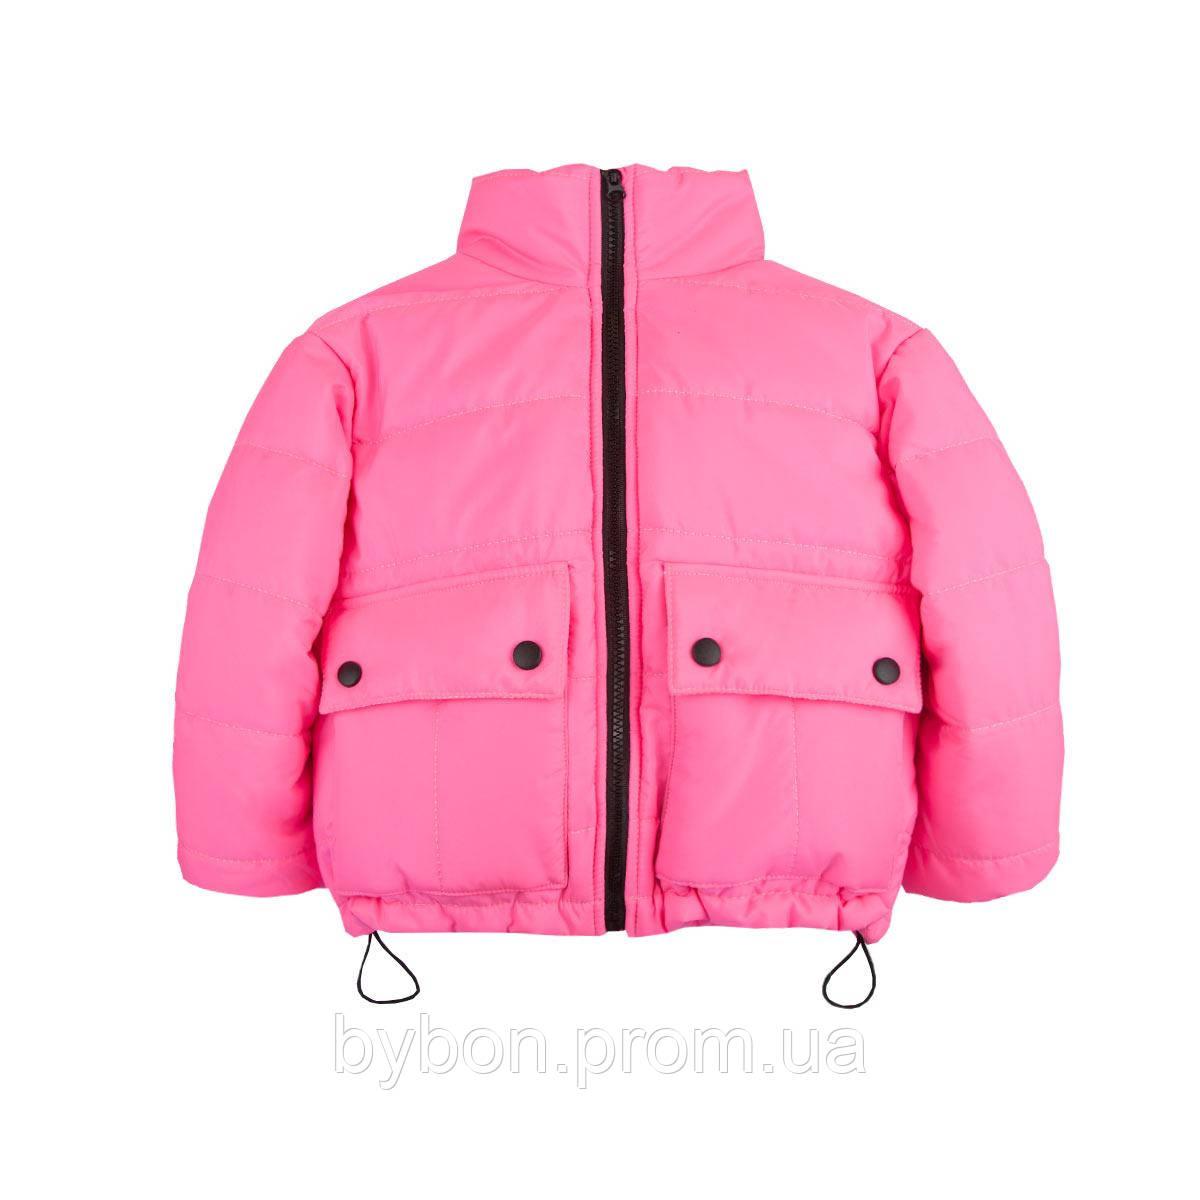 Детская куртка-пуховик Сантино  рост 92-134